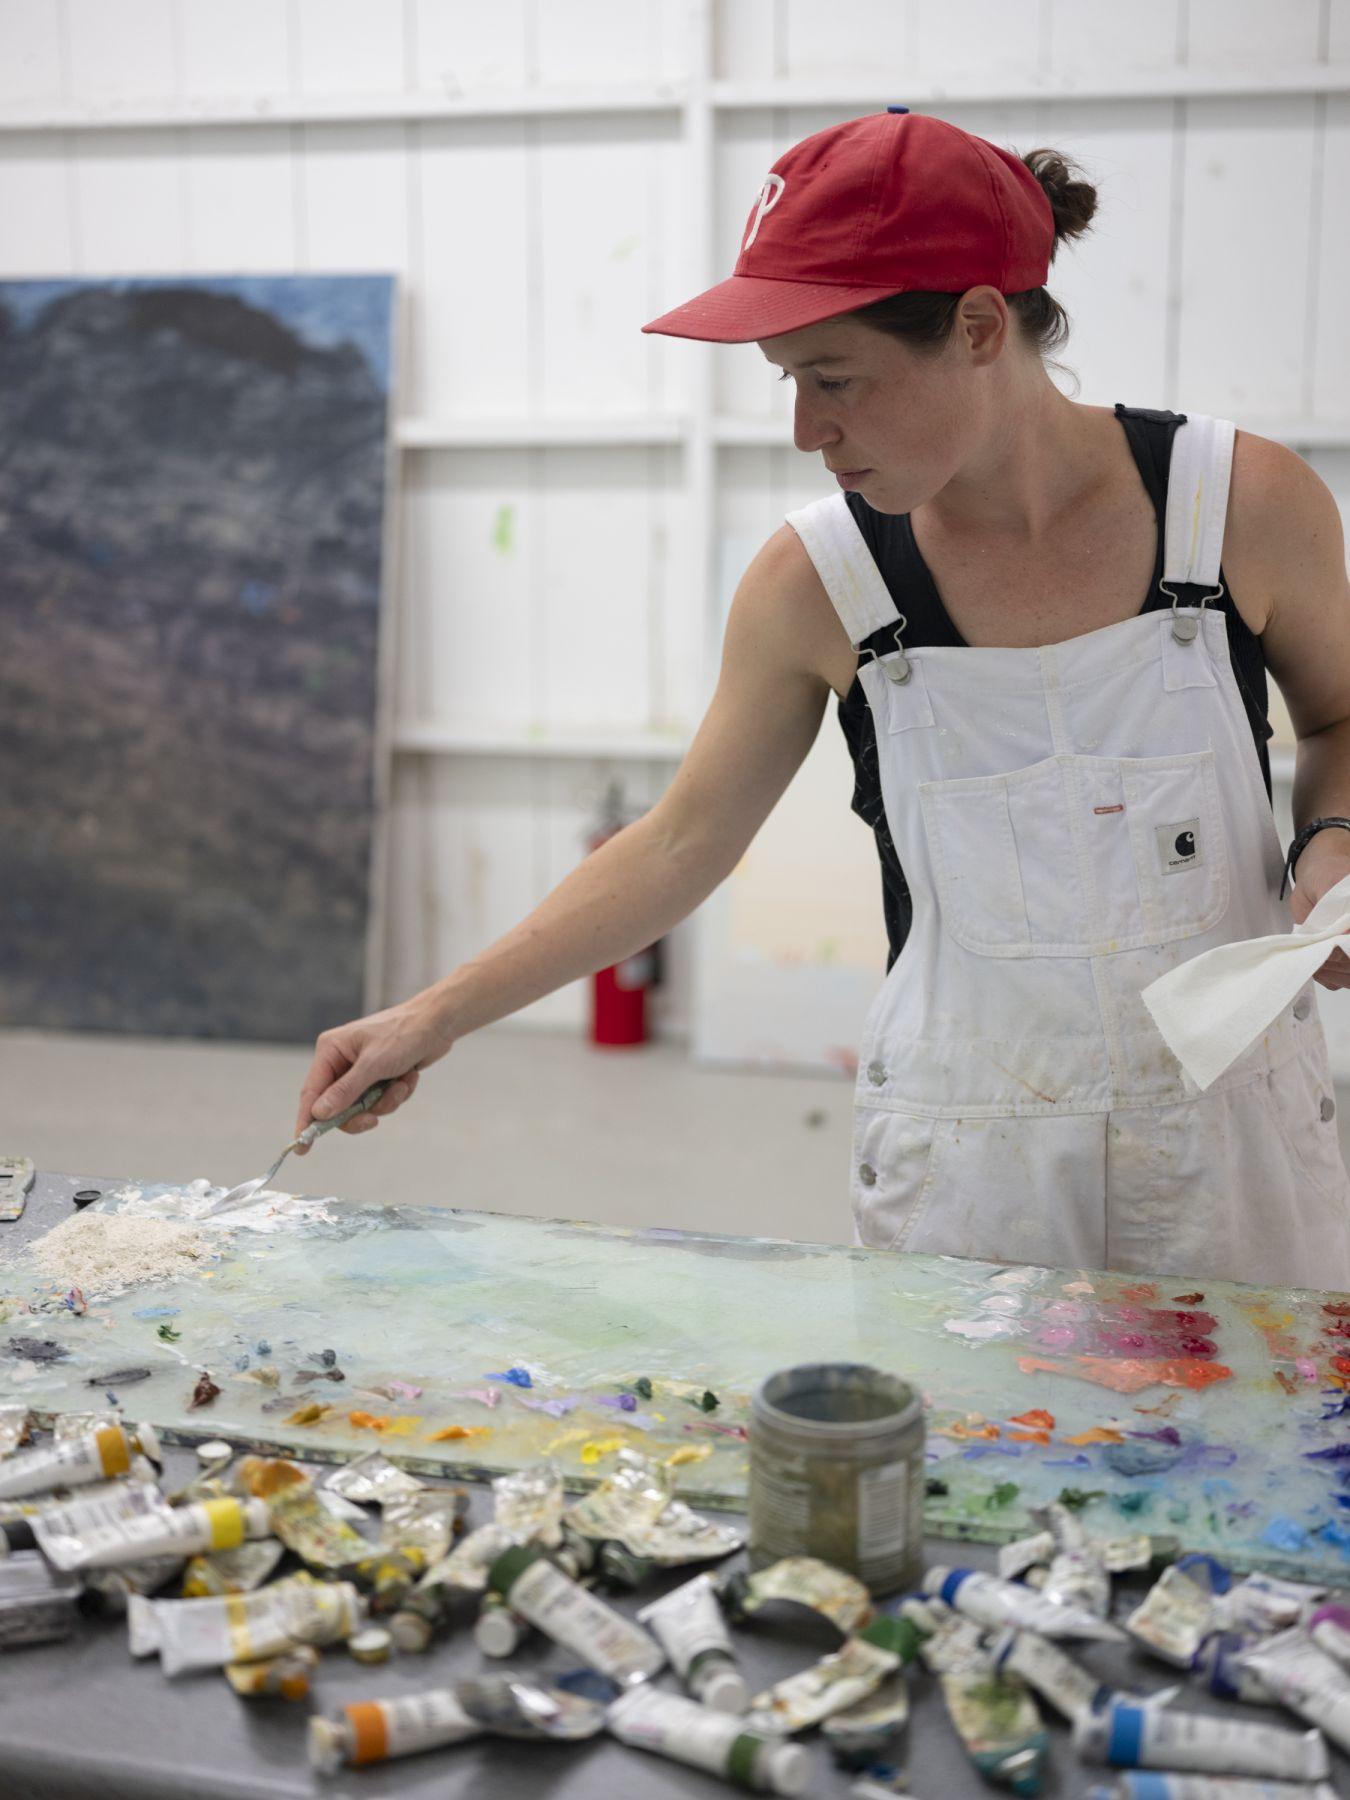 [Mariel Capanna in her studio]